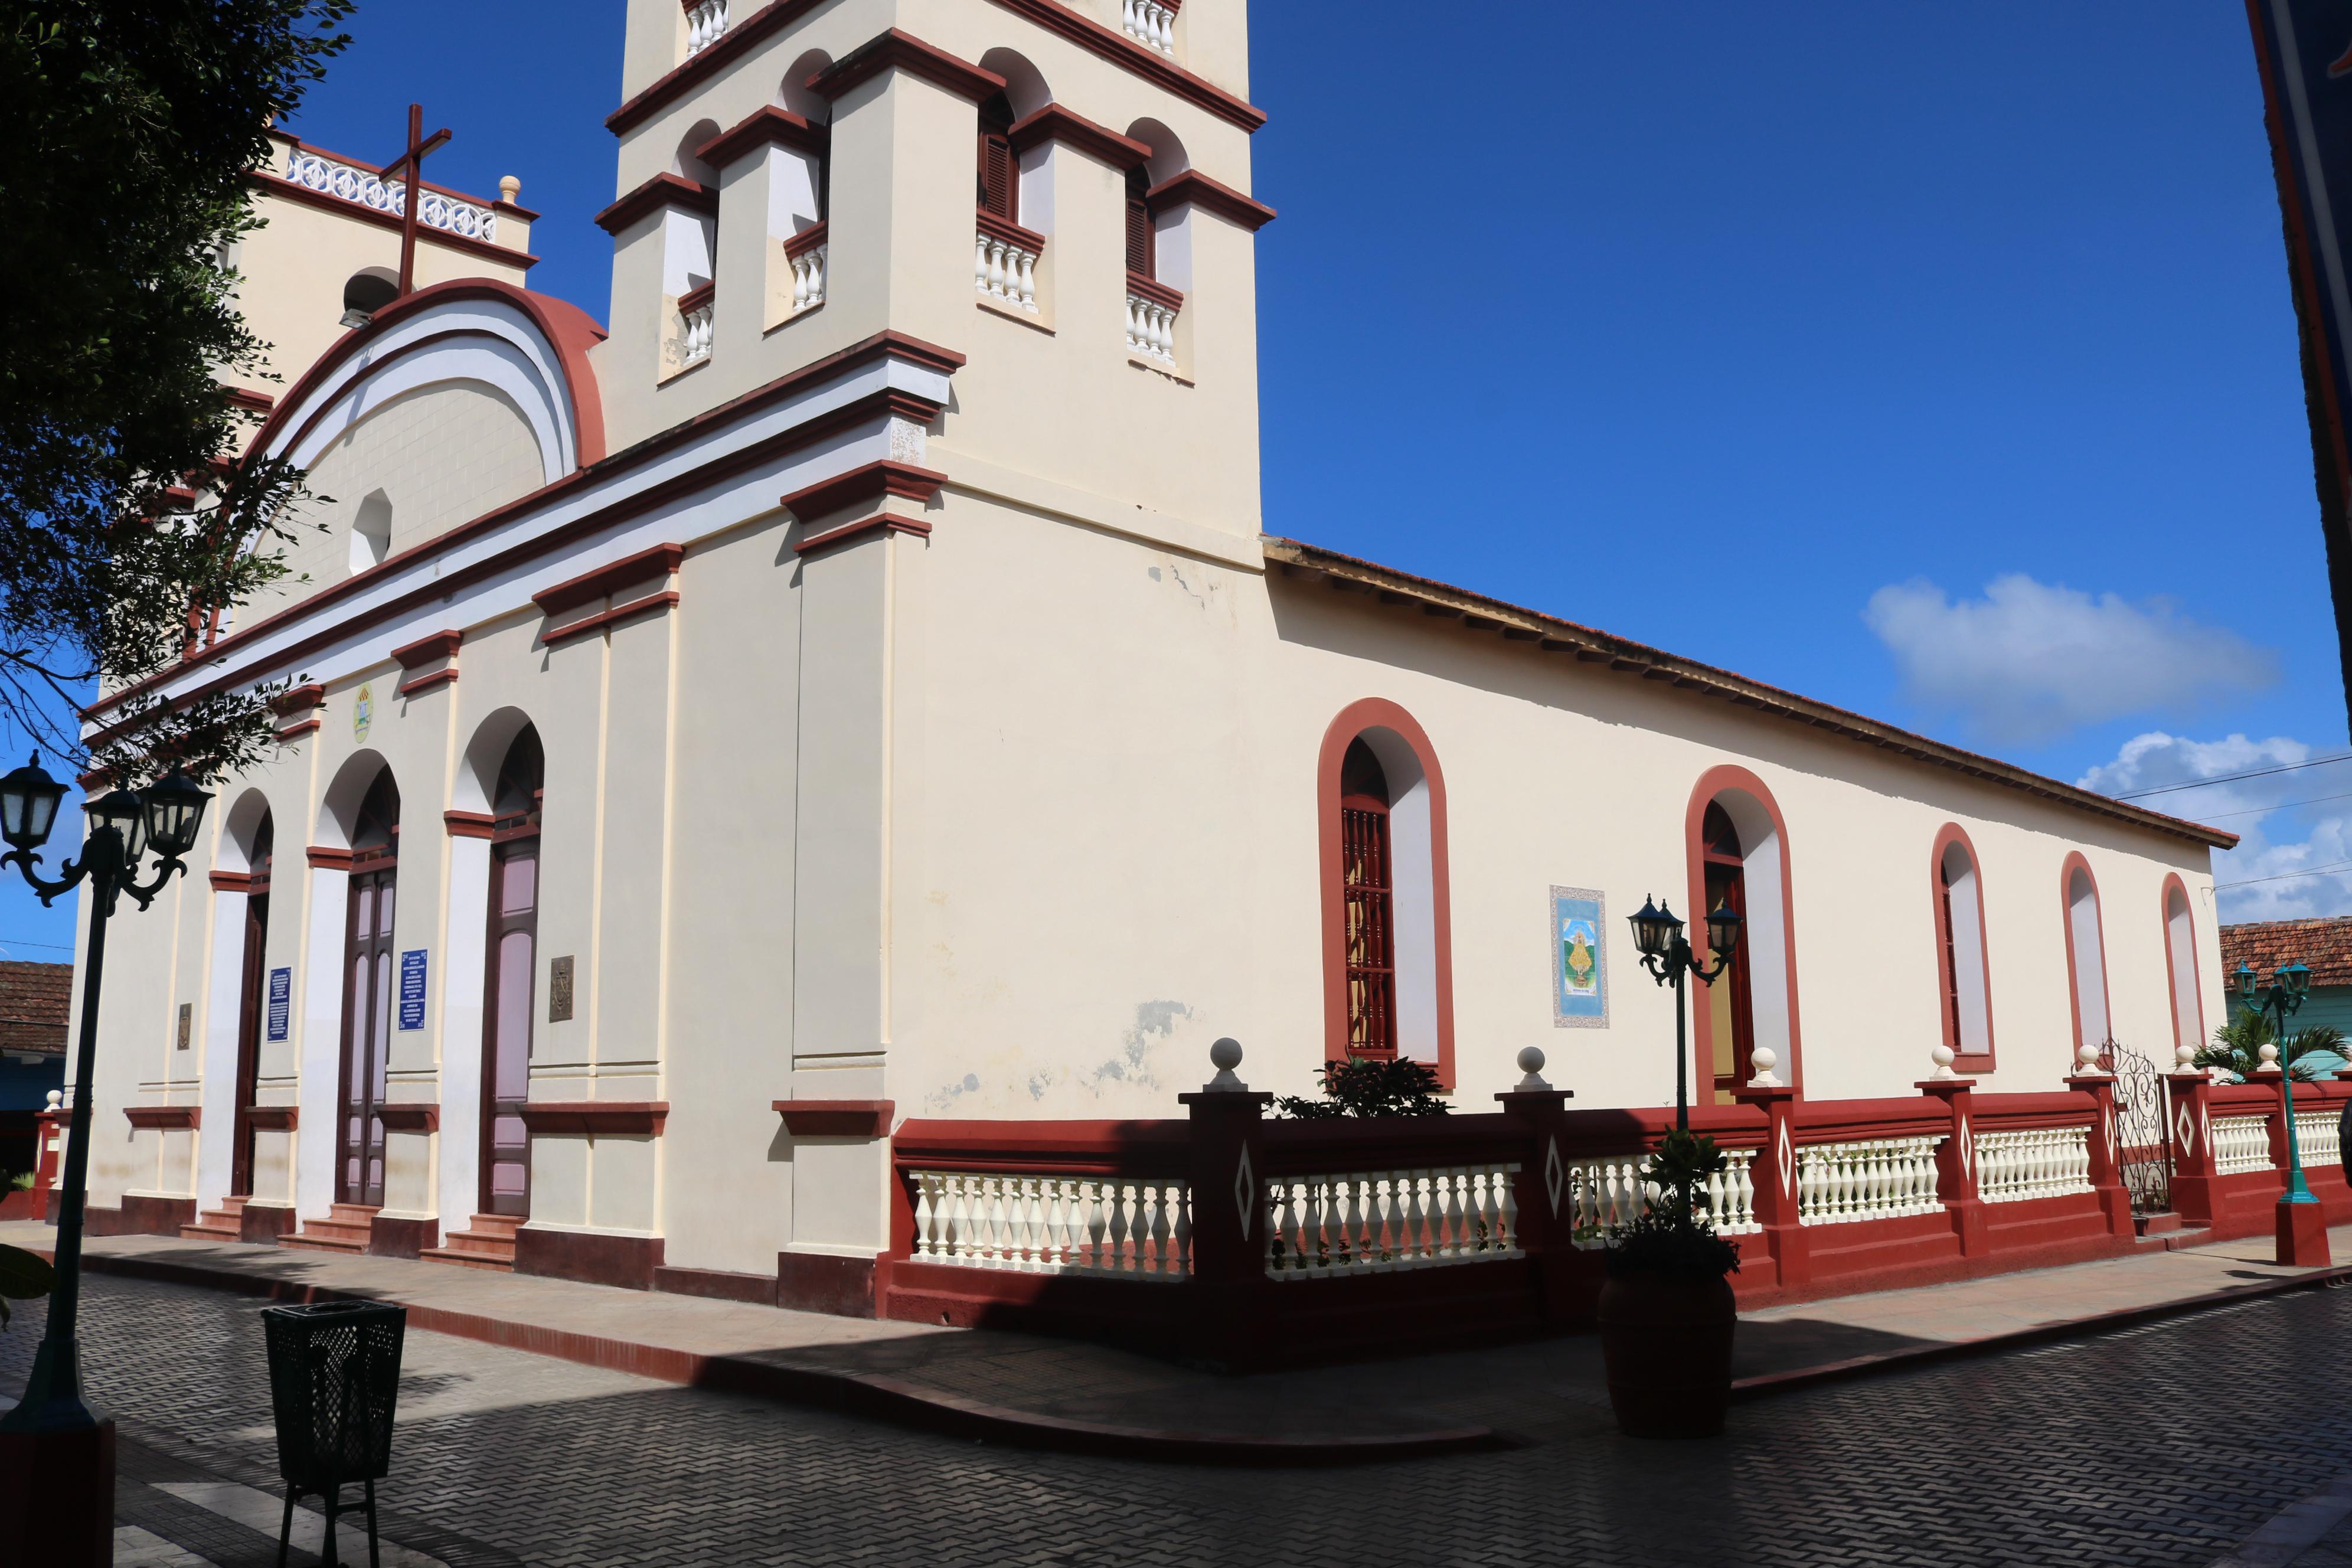 Dónde está la Catedral de Nuestra Señora de la Asunción, Baracoa, Cuba